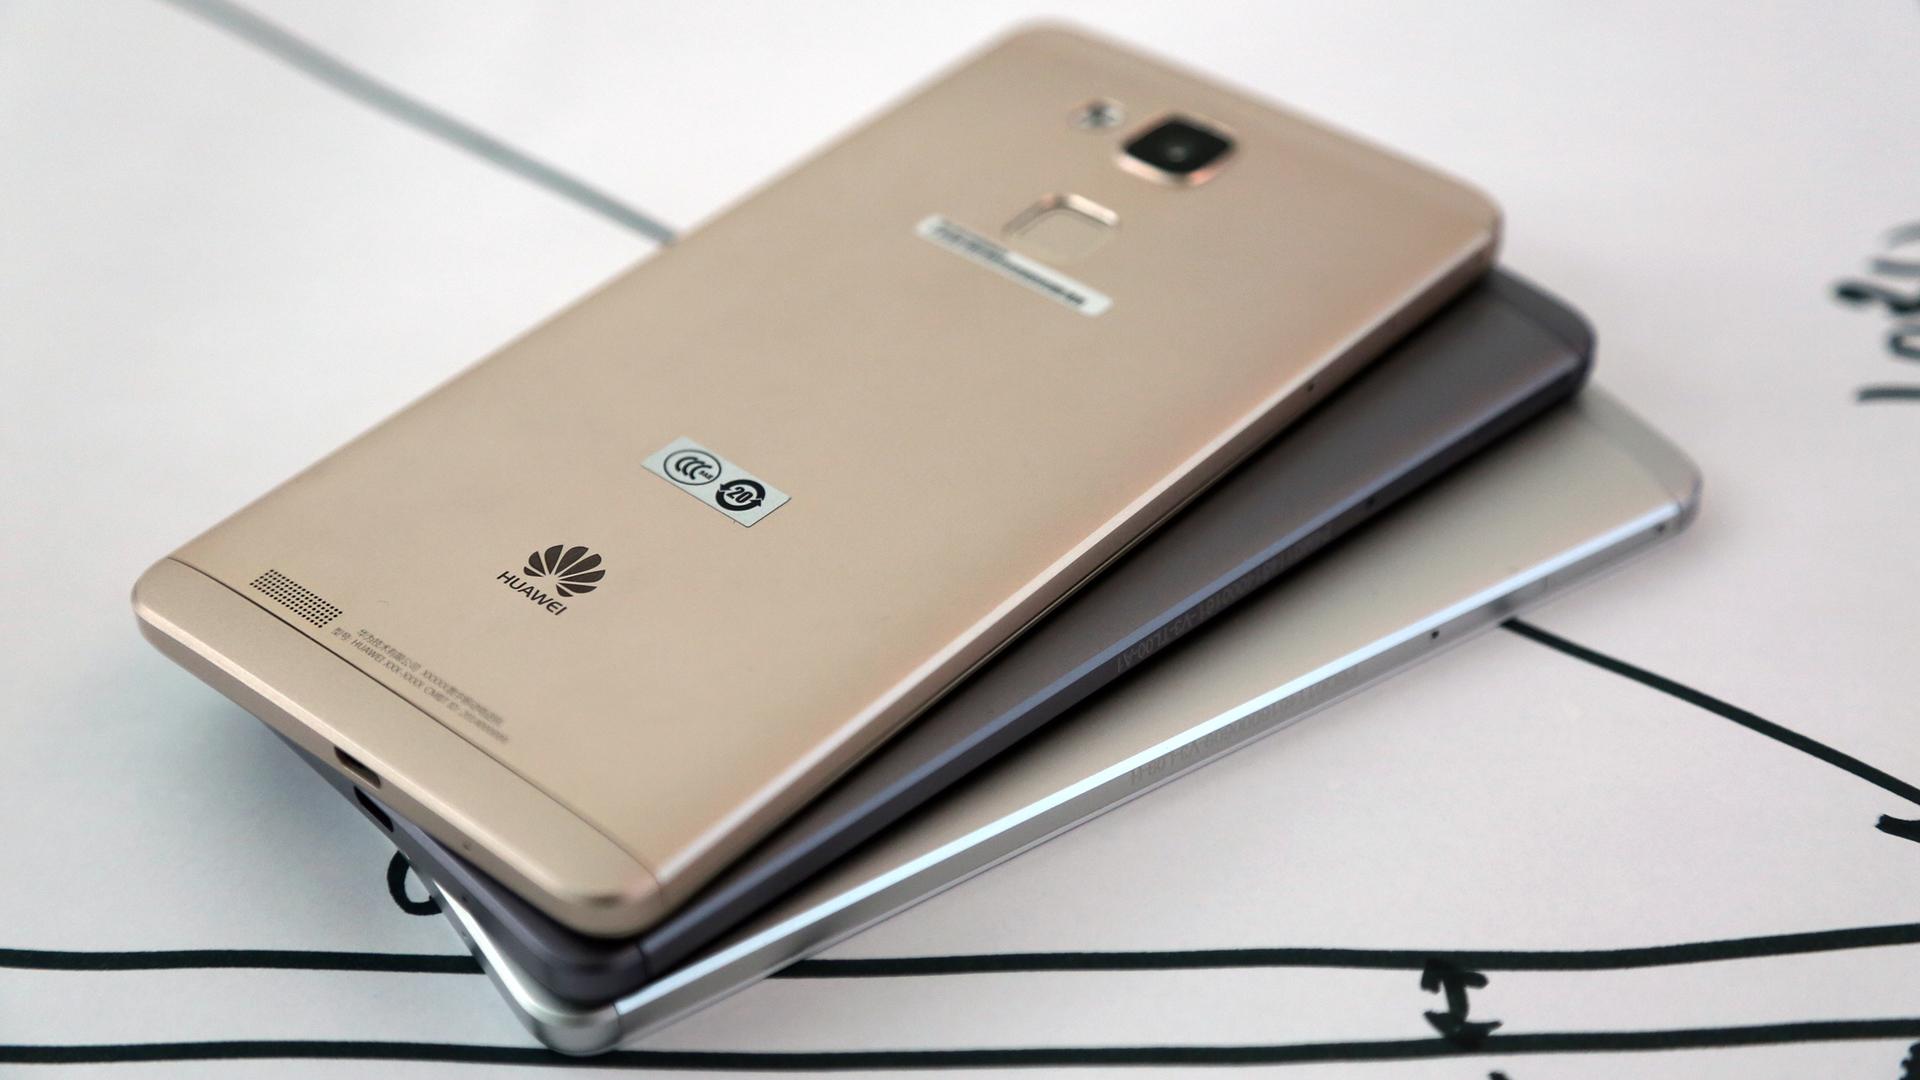 مشخصات Huawei Mate 8 توسط GFXBench منتشر شد